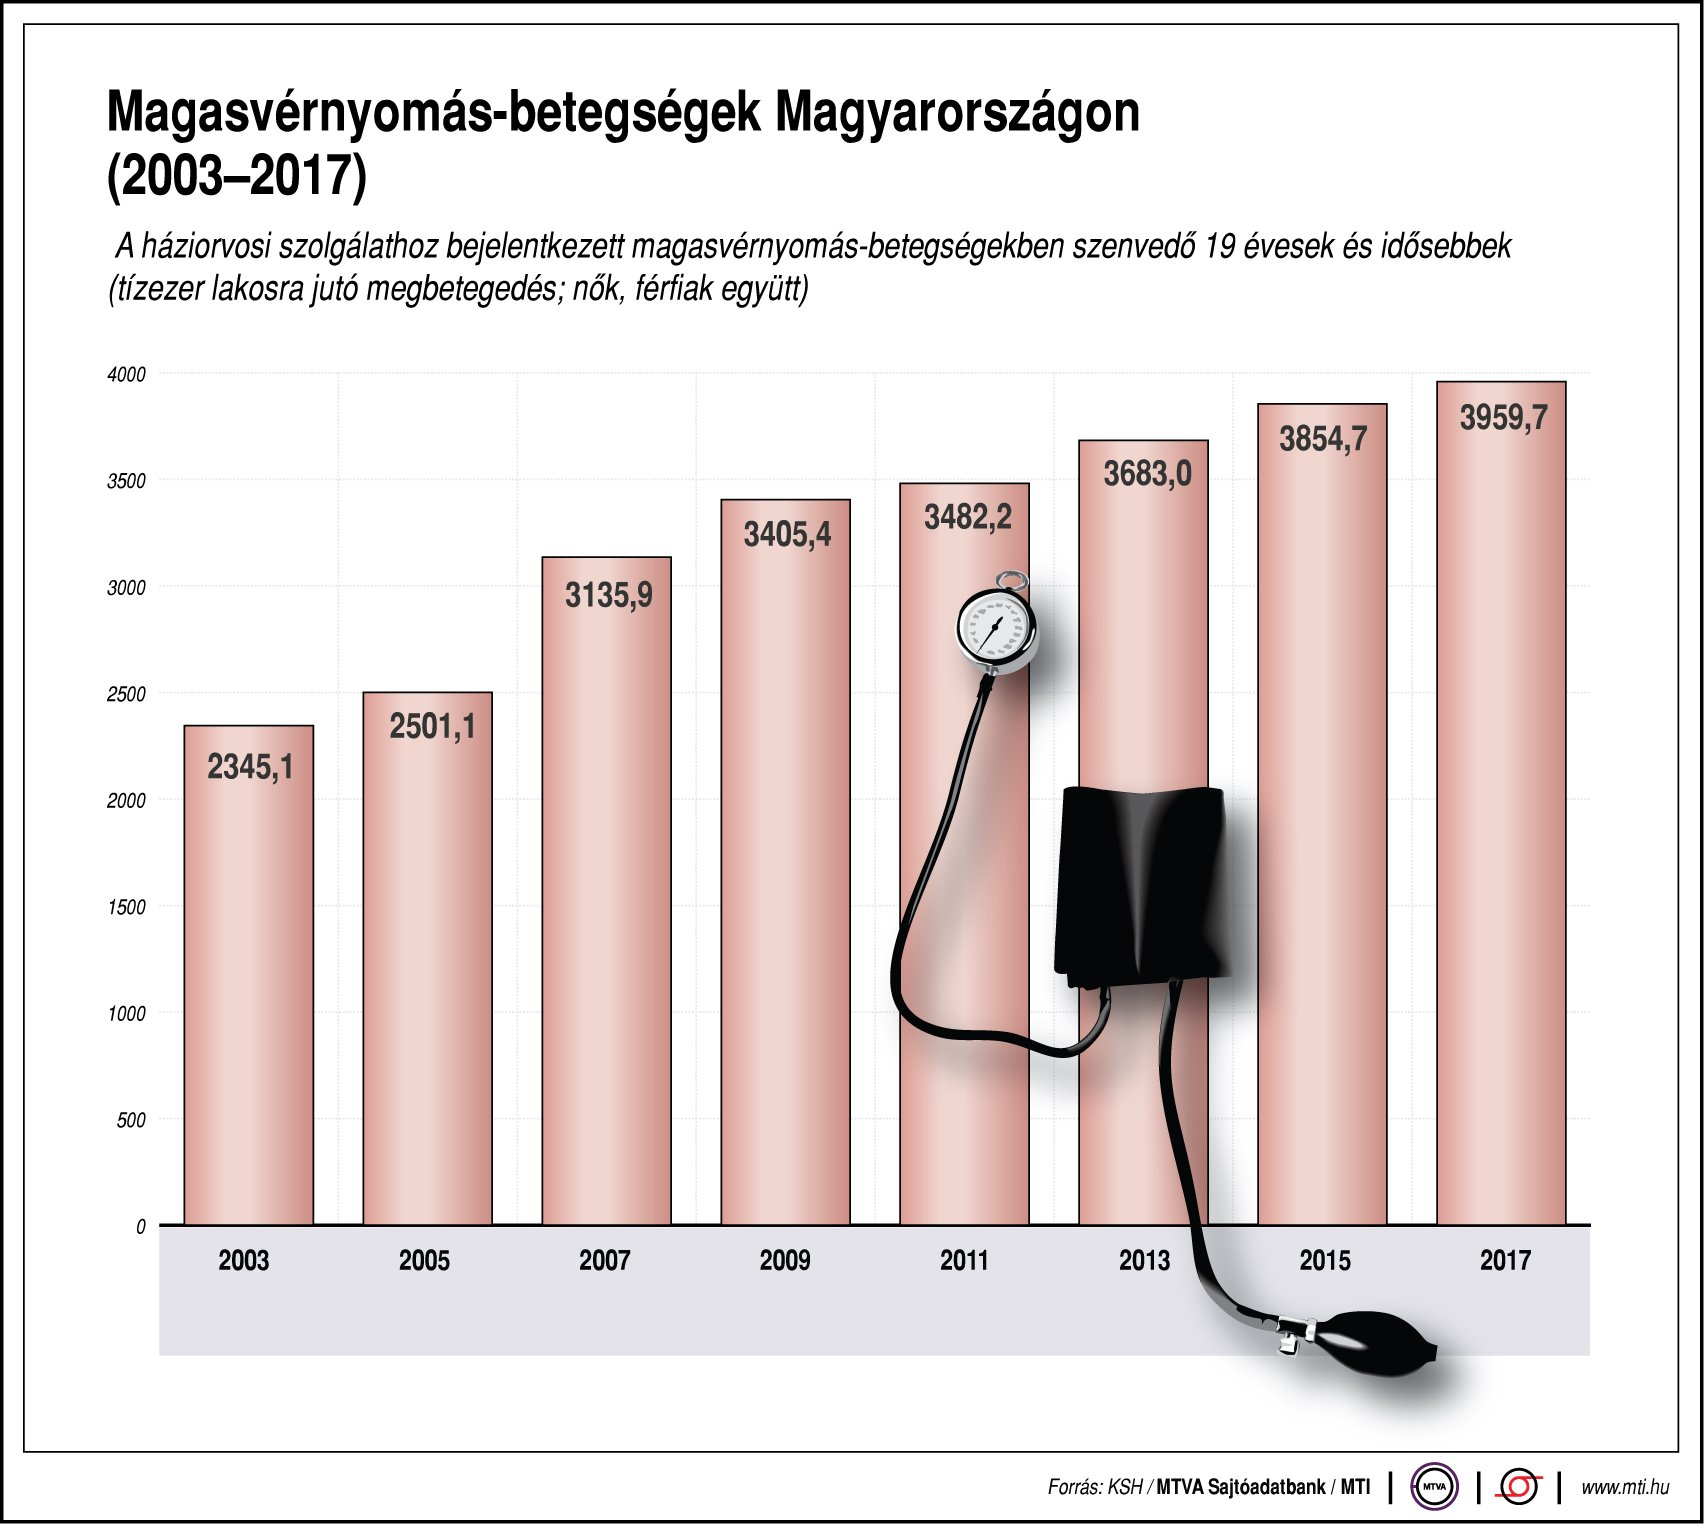 magas vérnyomás higiénés oktatás a magas vérnyomás az ami alacsony